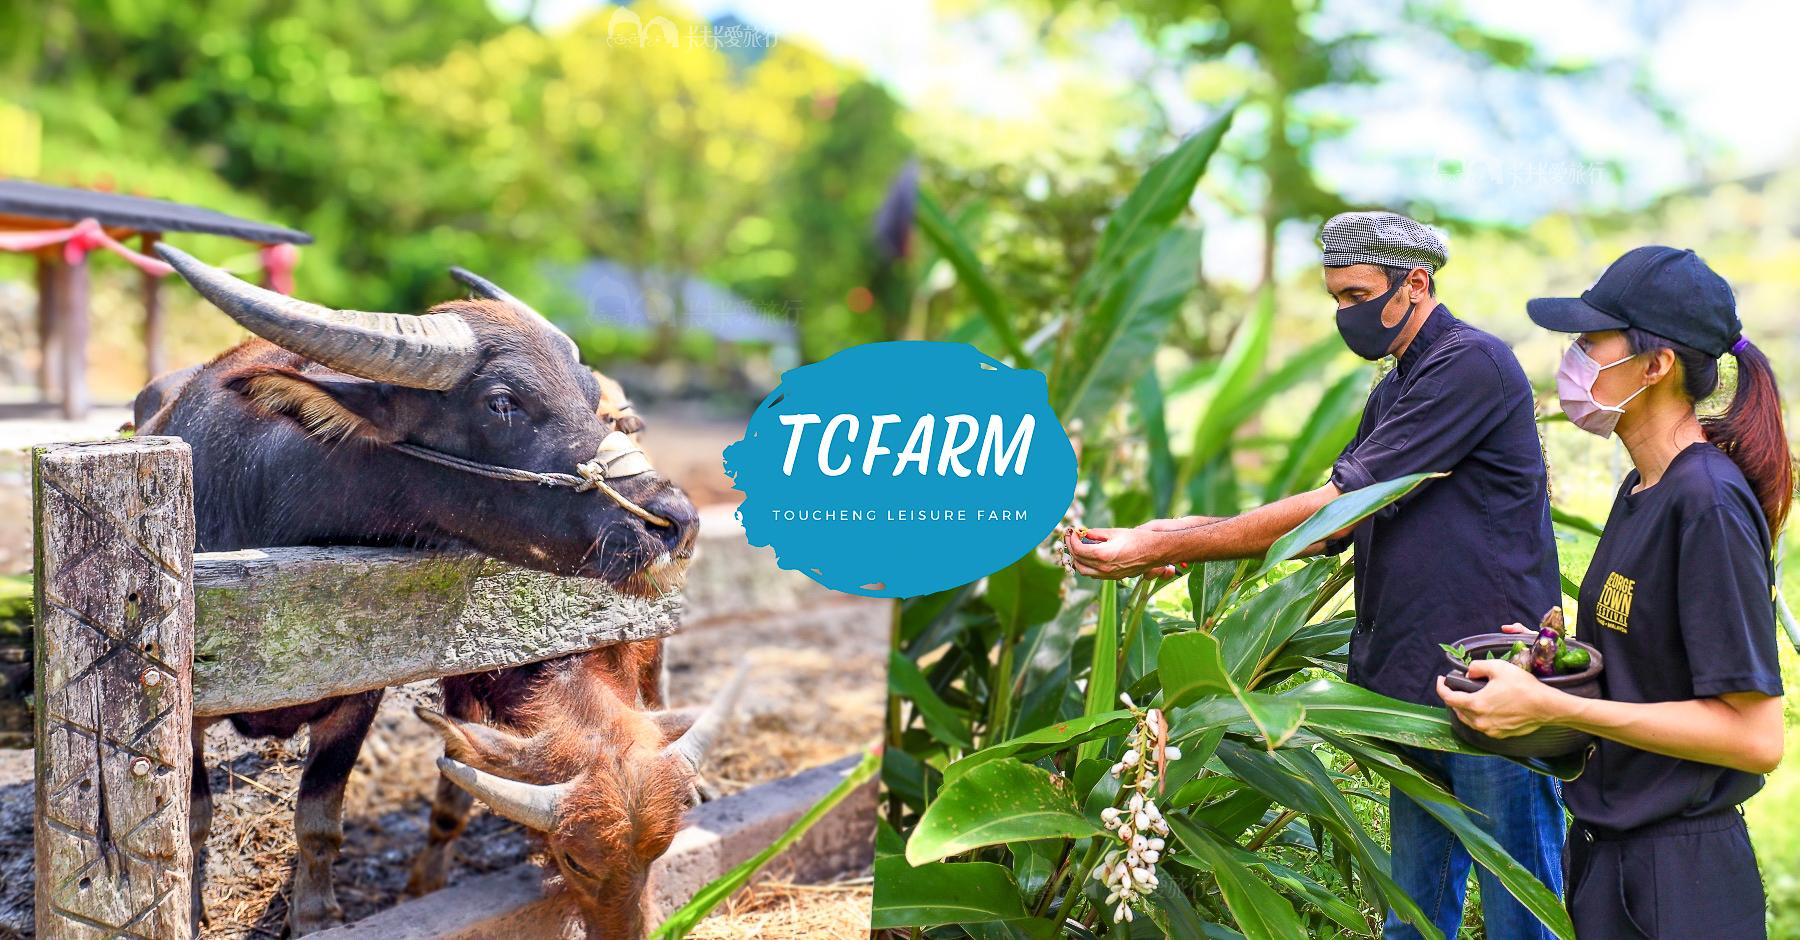 宜蘭景點|頭城農場|一日遊套裝行程門票優惠價格介紹環境教育場域觀光農場清真認證吃到飽小吃